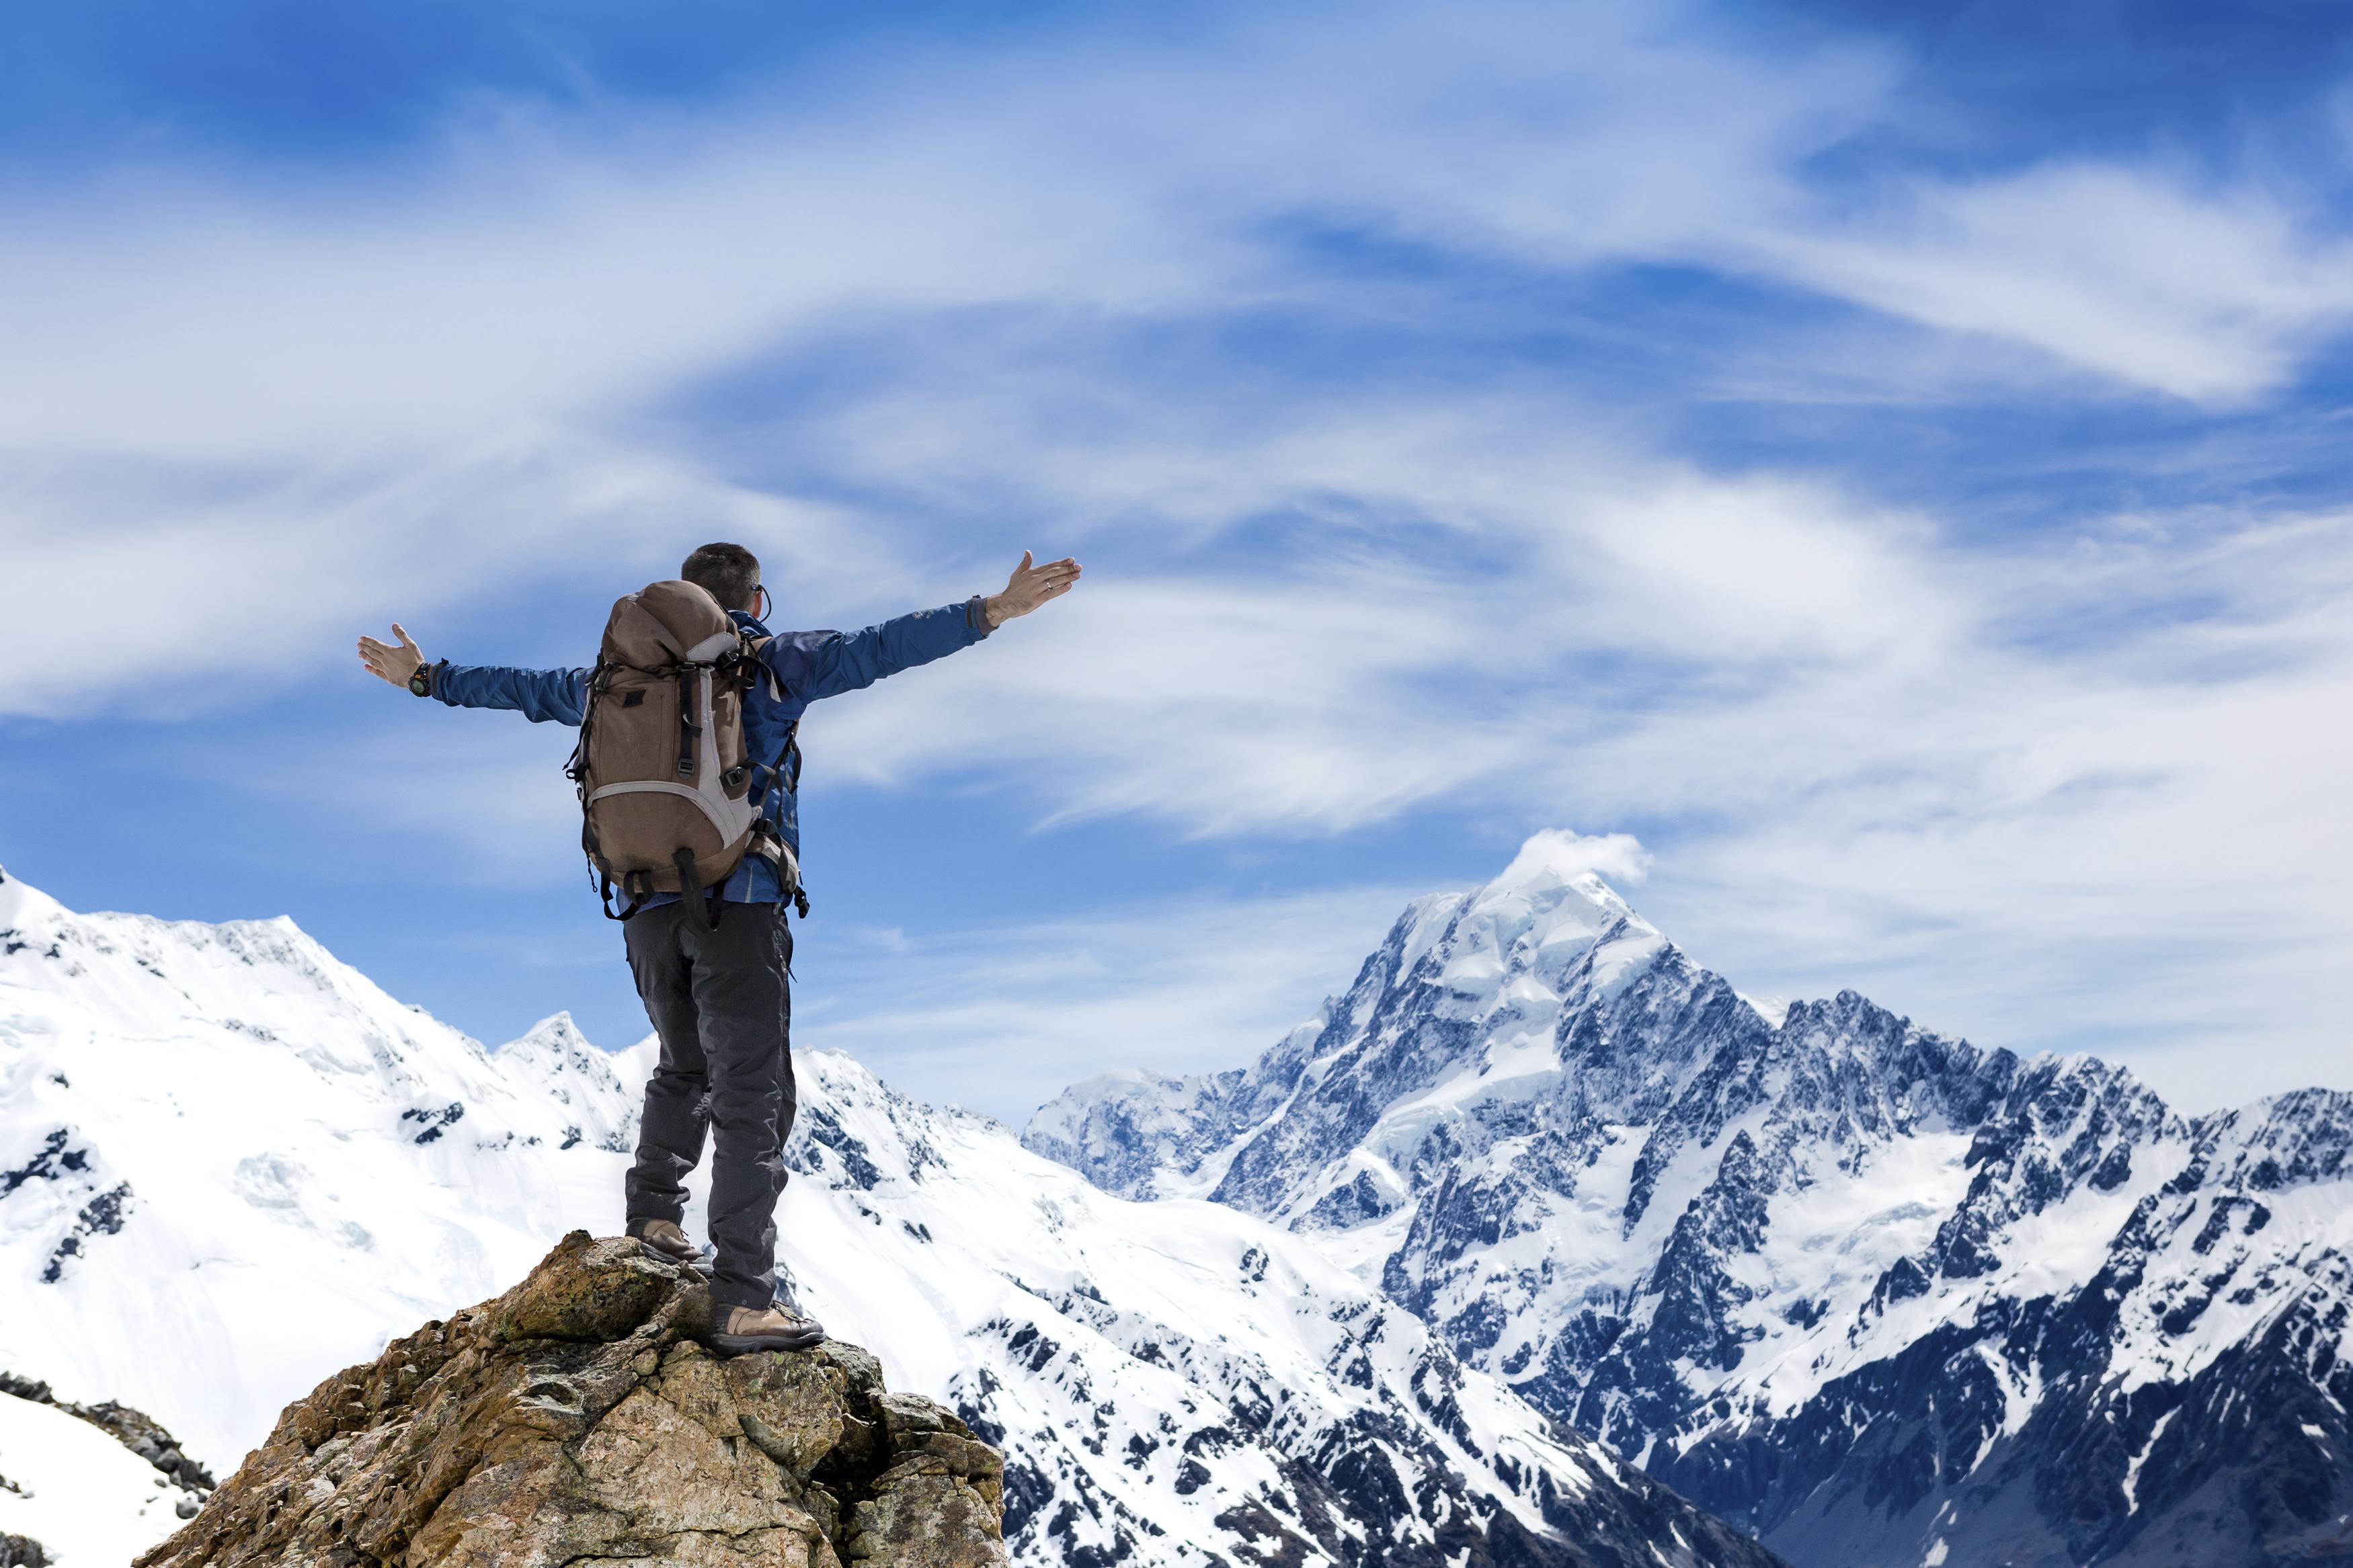 картинки с горами и людьми узнаете модель